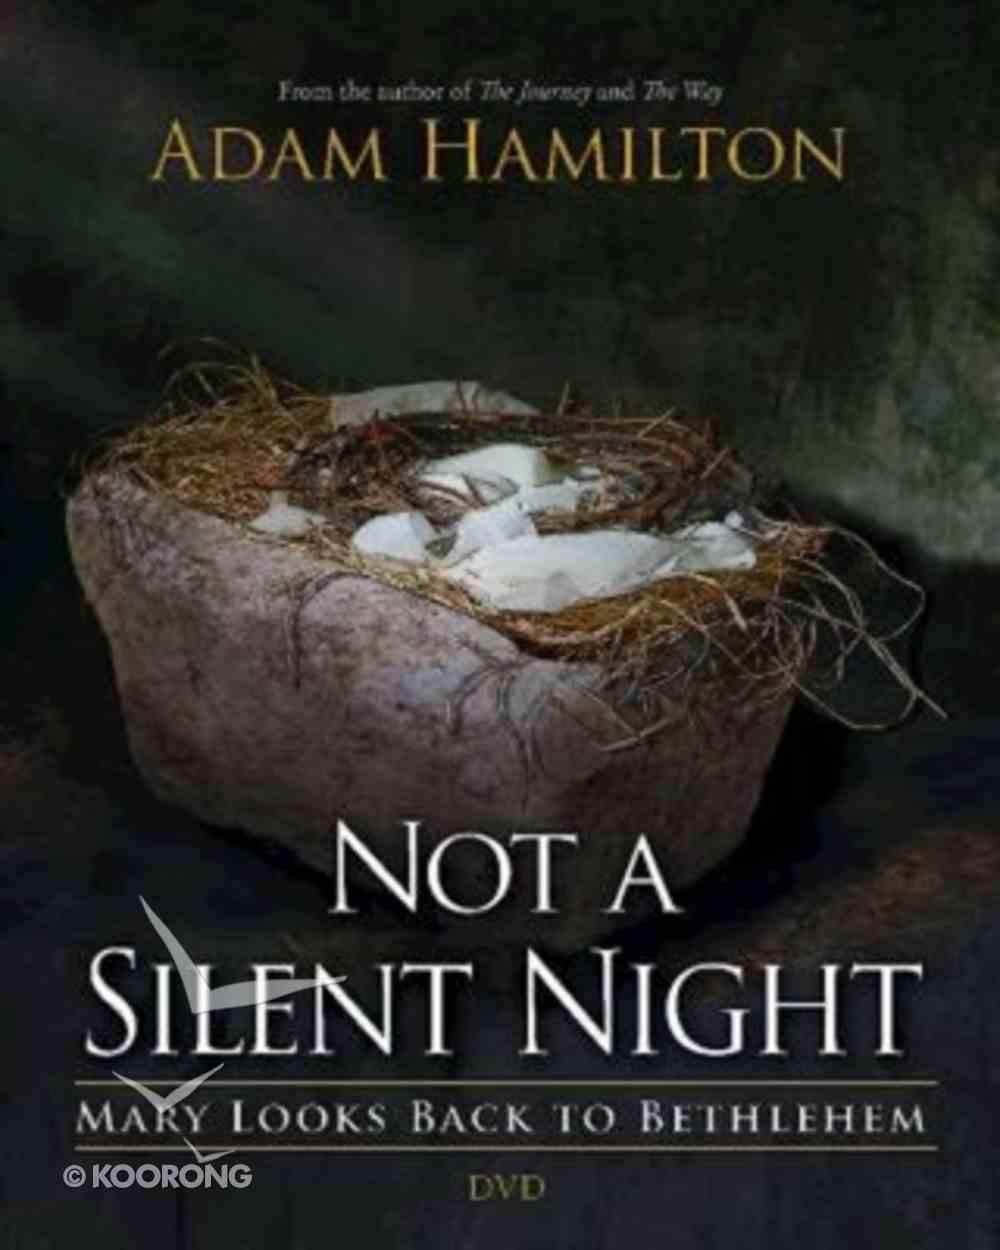 Not a Silent Night (Dvd) DVD